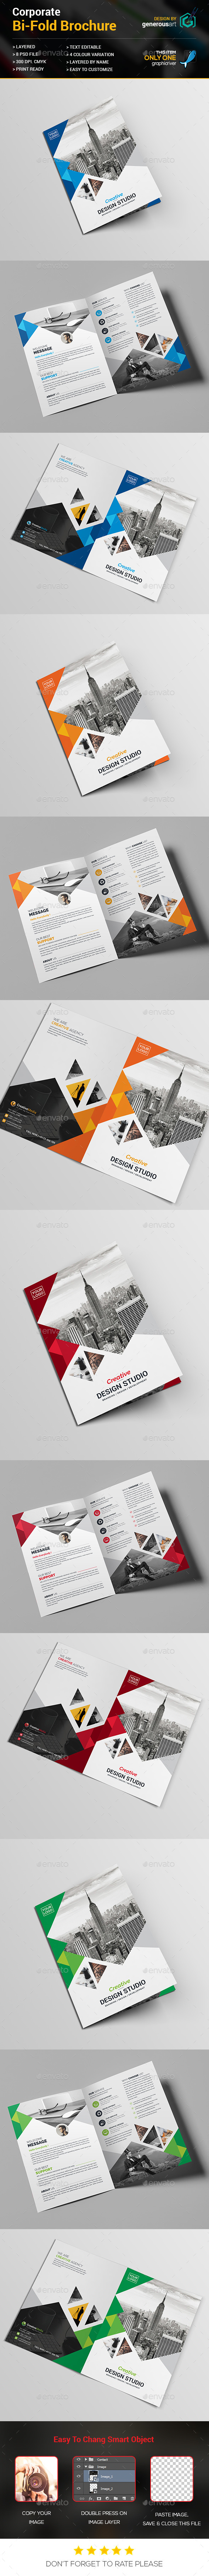 Bi-Fold Business Template - Corporate Brochures